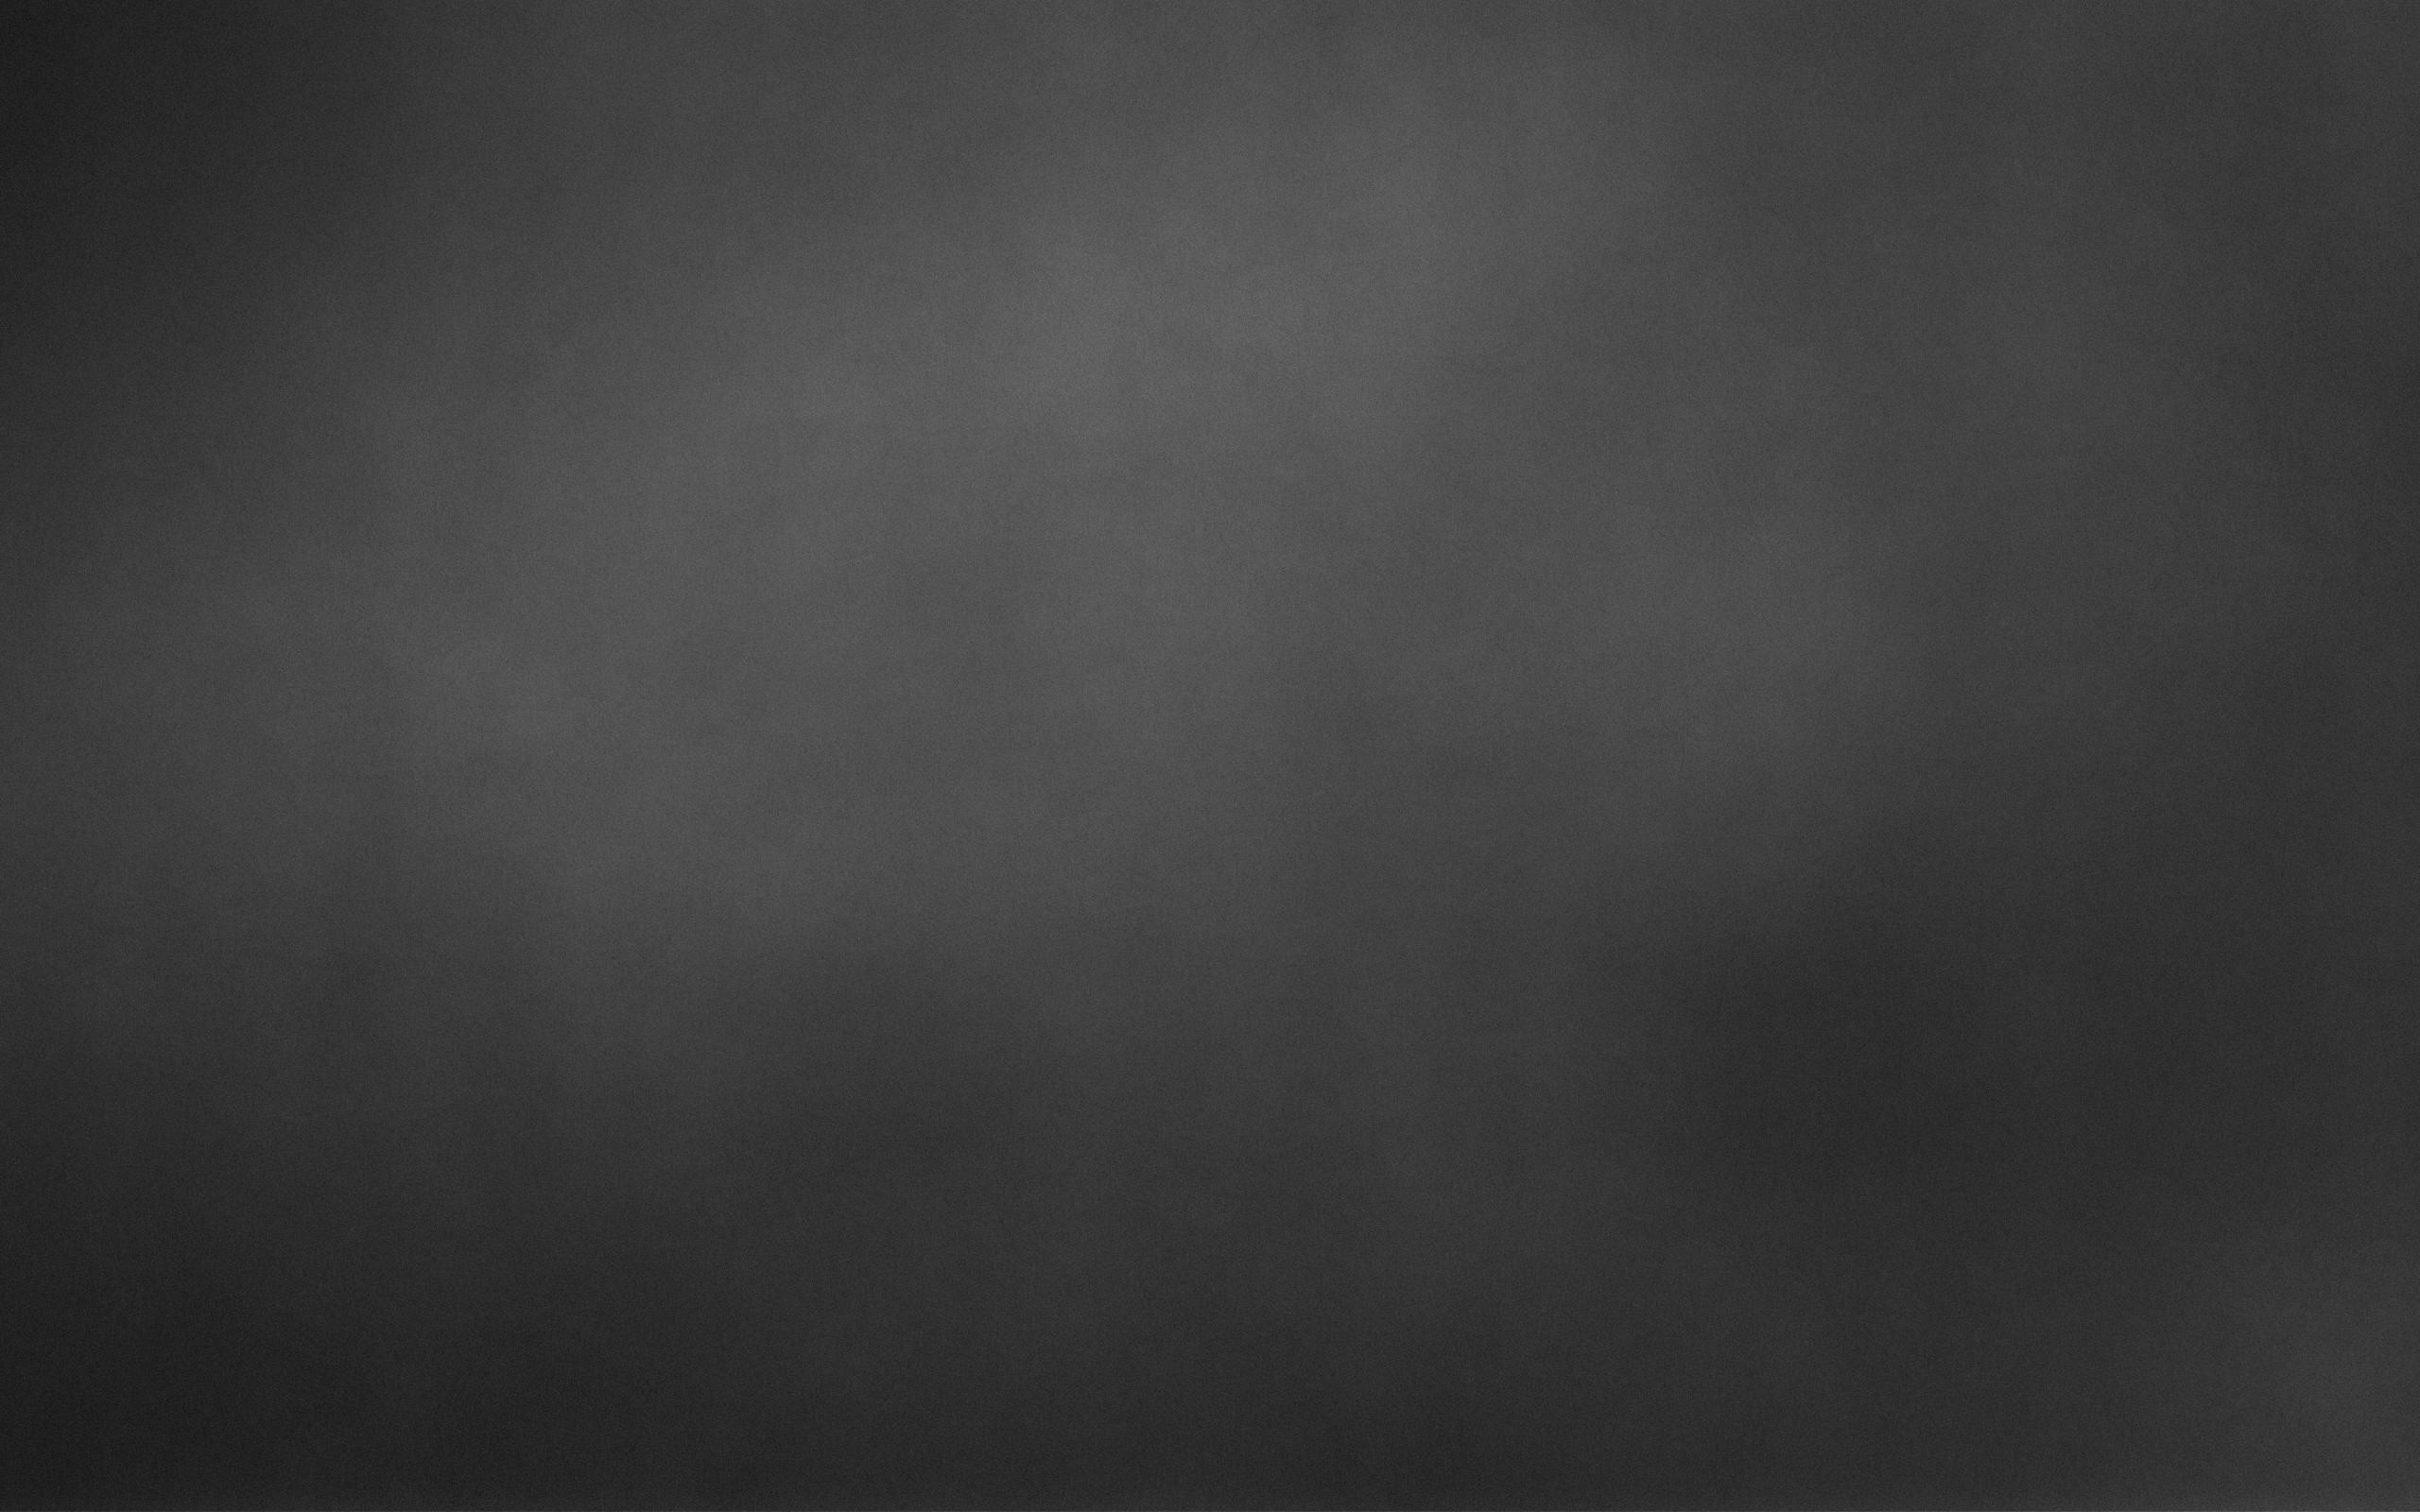 Gray Wallpaper In Gray